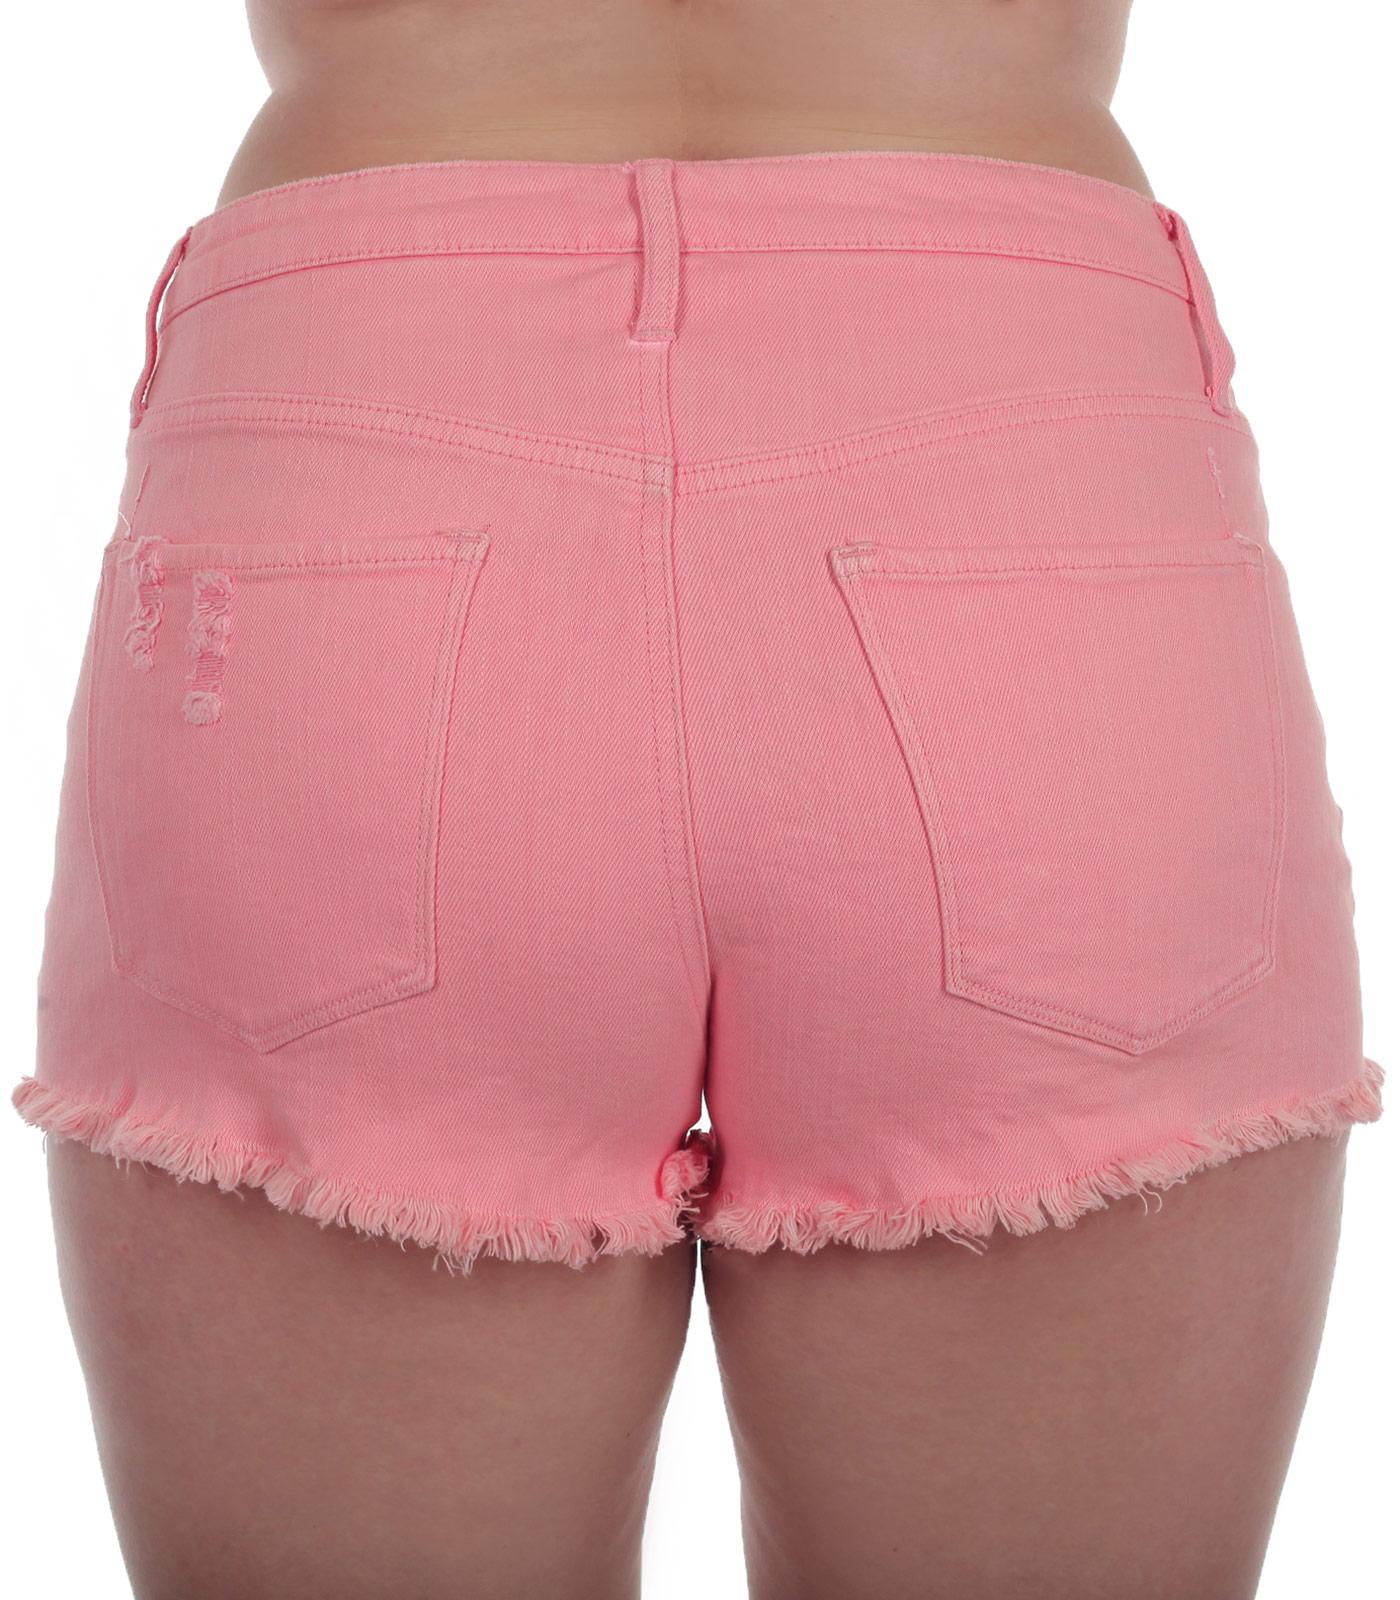 Недорогие женские шорты на лето – ВСЕ размеры и твой тоже!